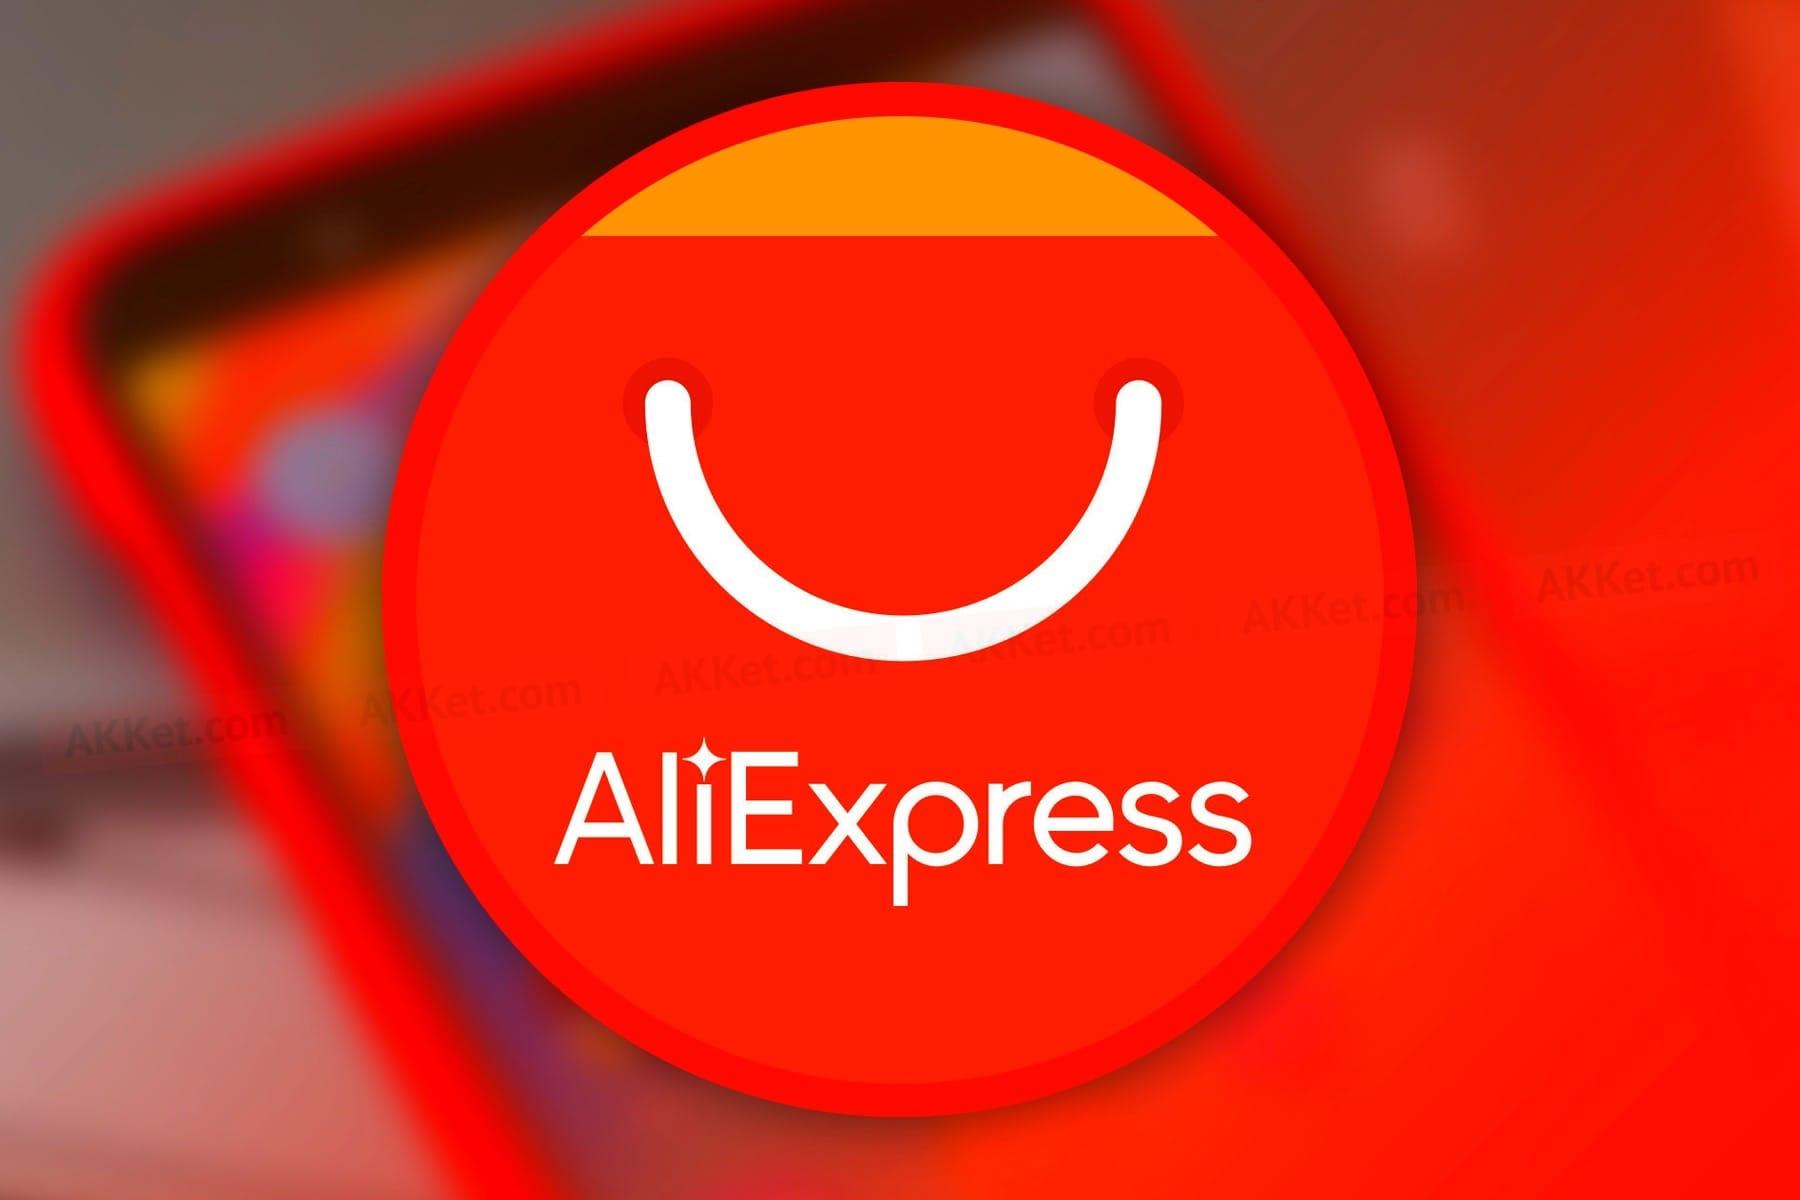 Канал Яндекс-Дзен для шопоголиков «Бесплатный AliExpress». Каталог каналов Яндекс-Дзен